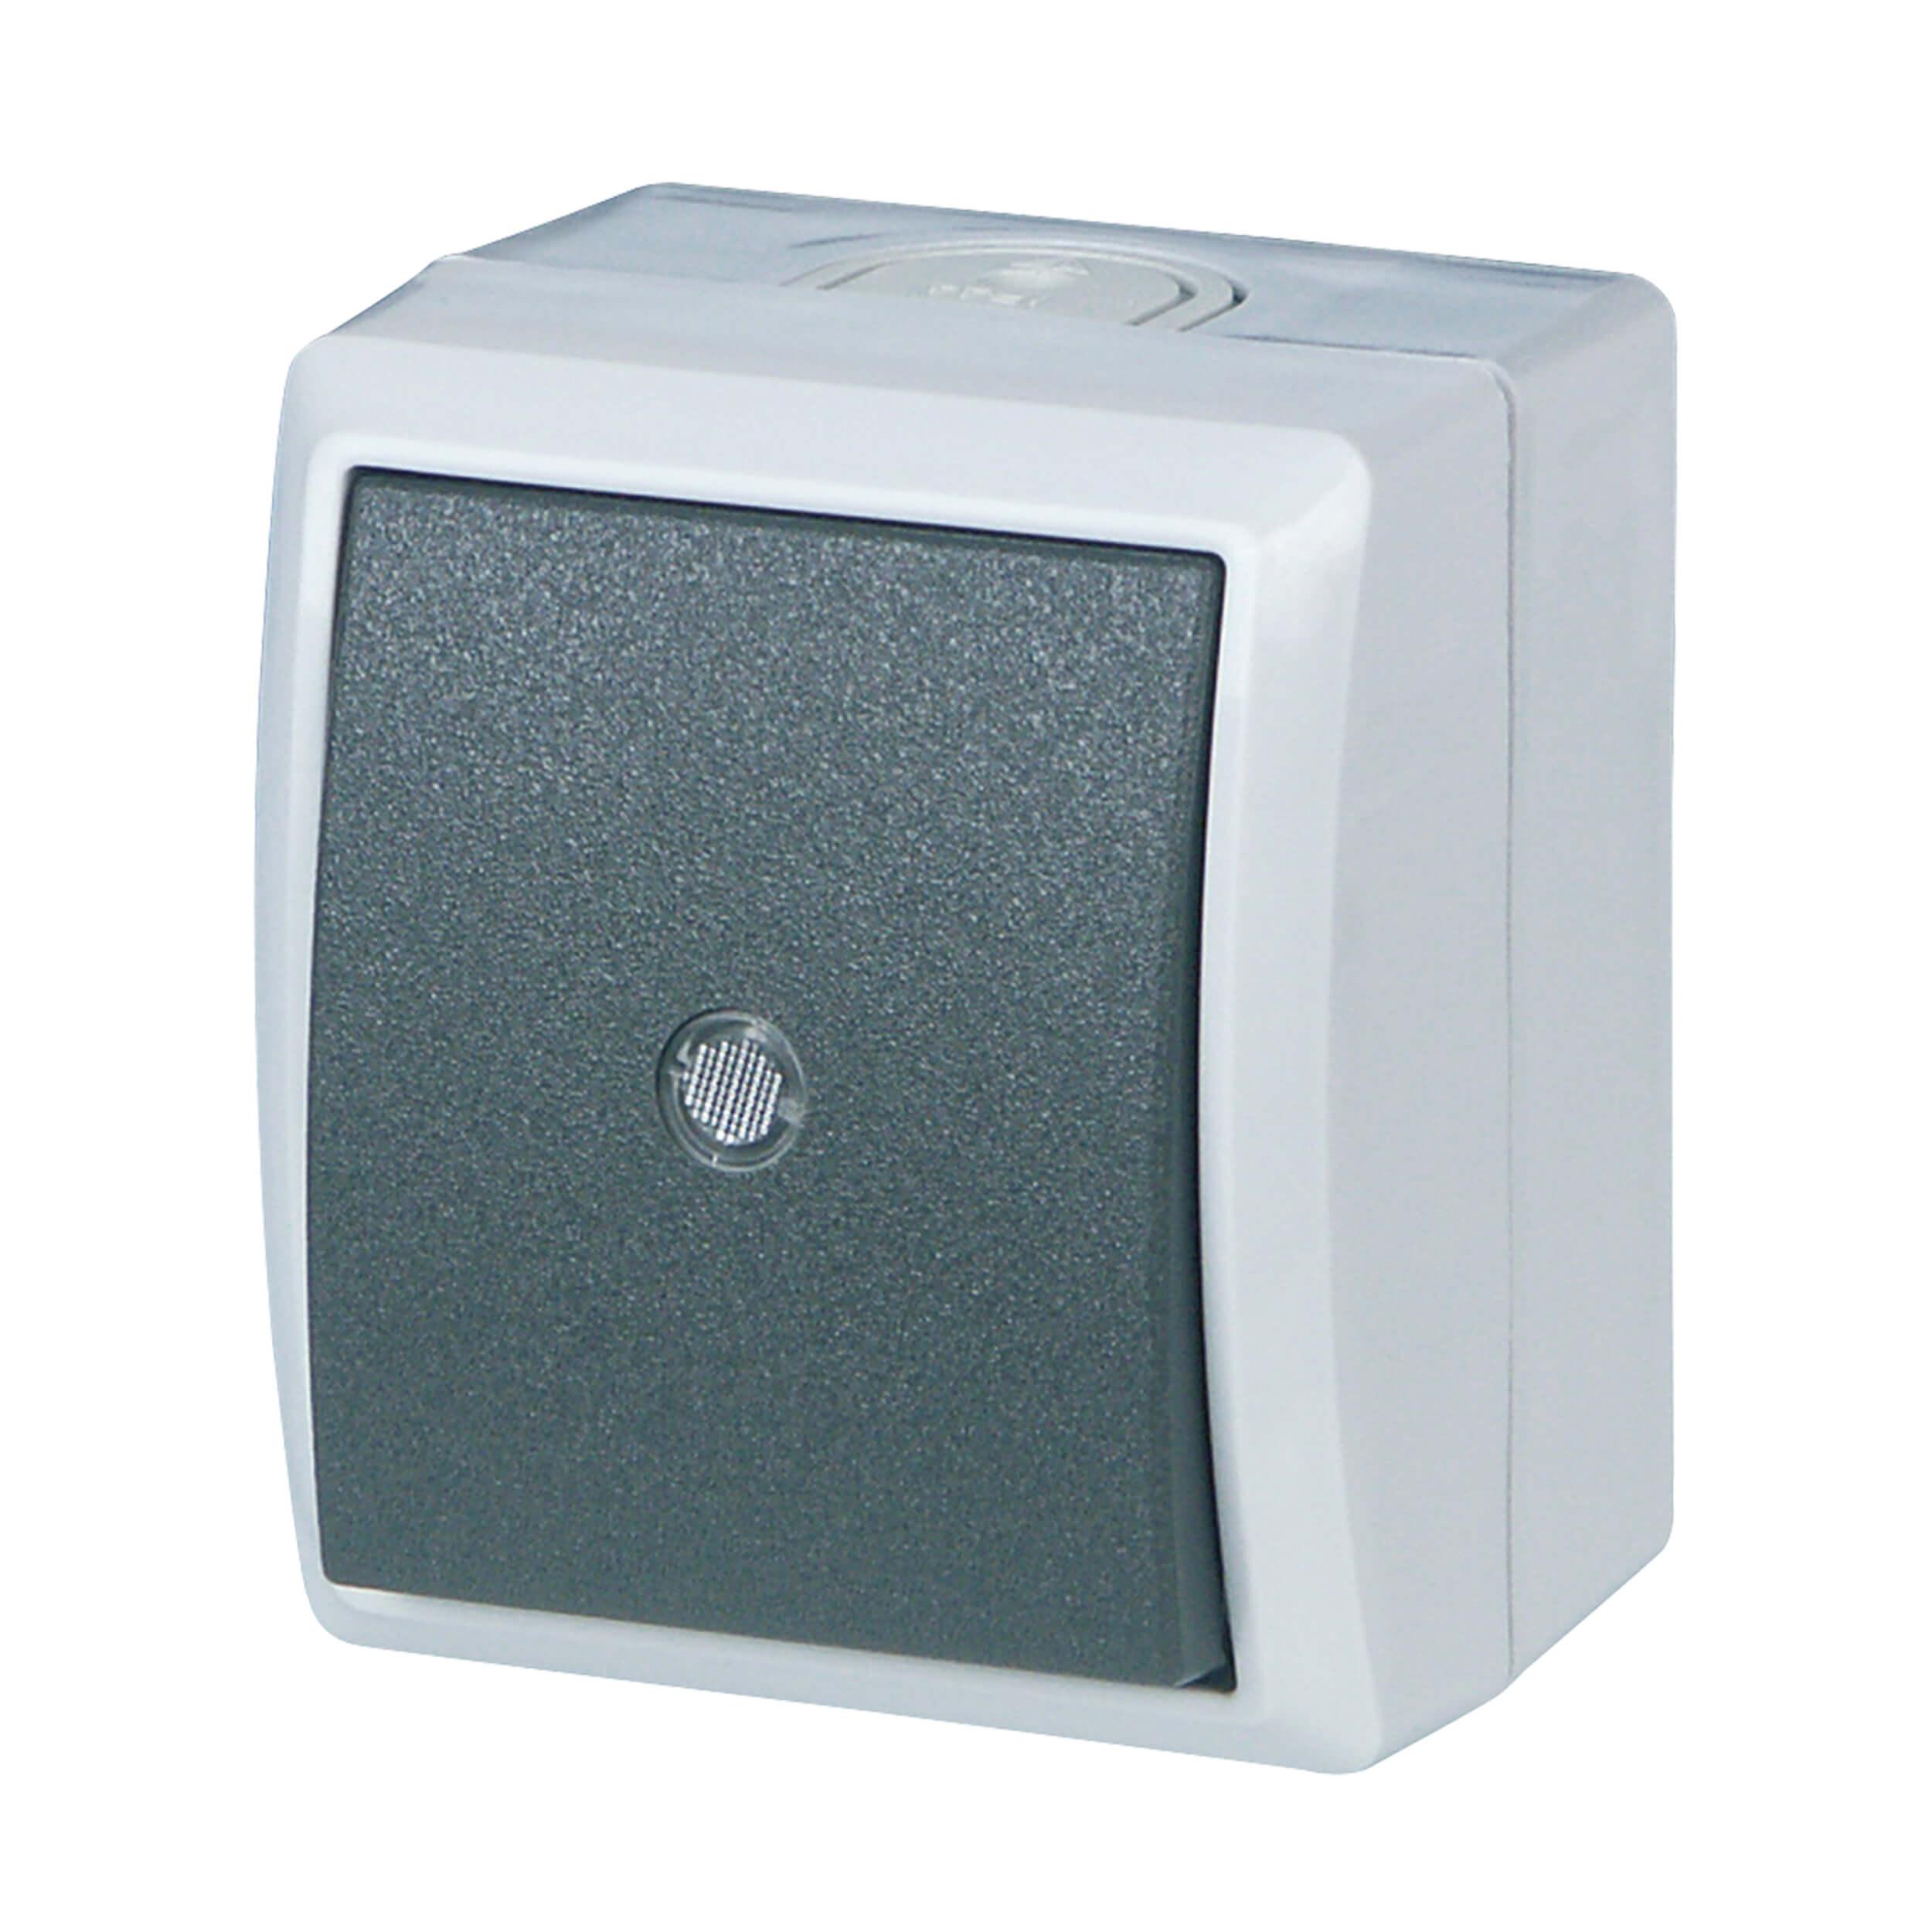 AquaForm Kontroll-Wechselschalter für feuchte Räume, grau